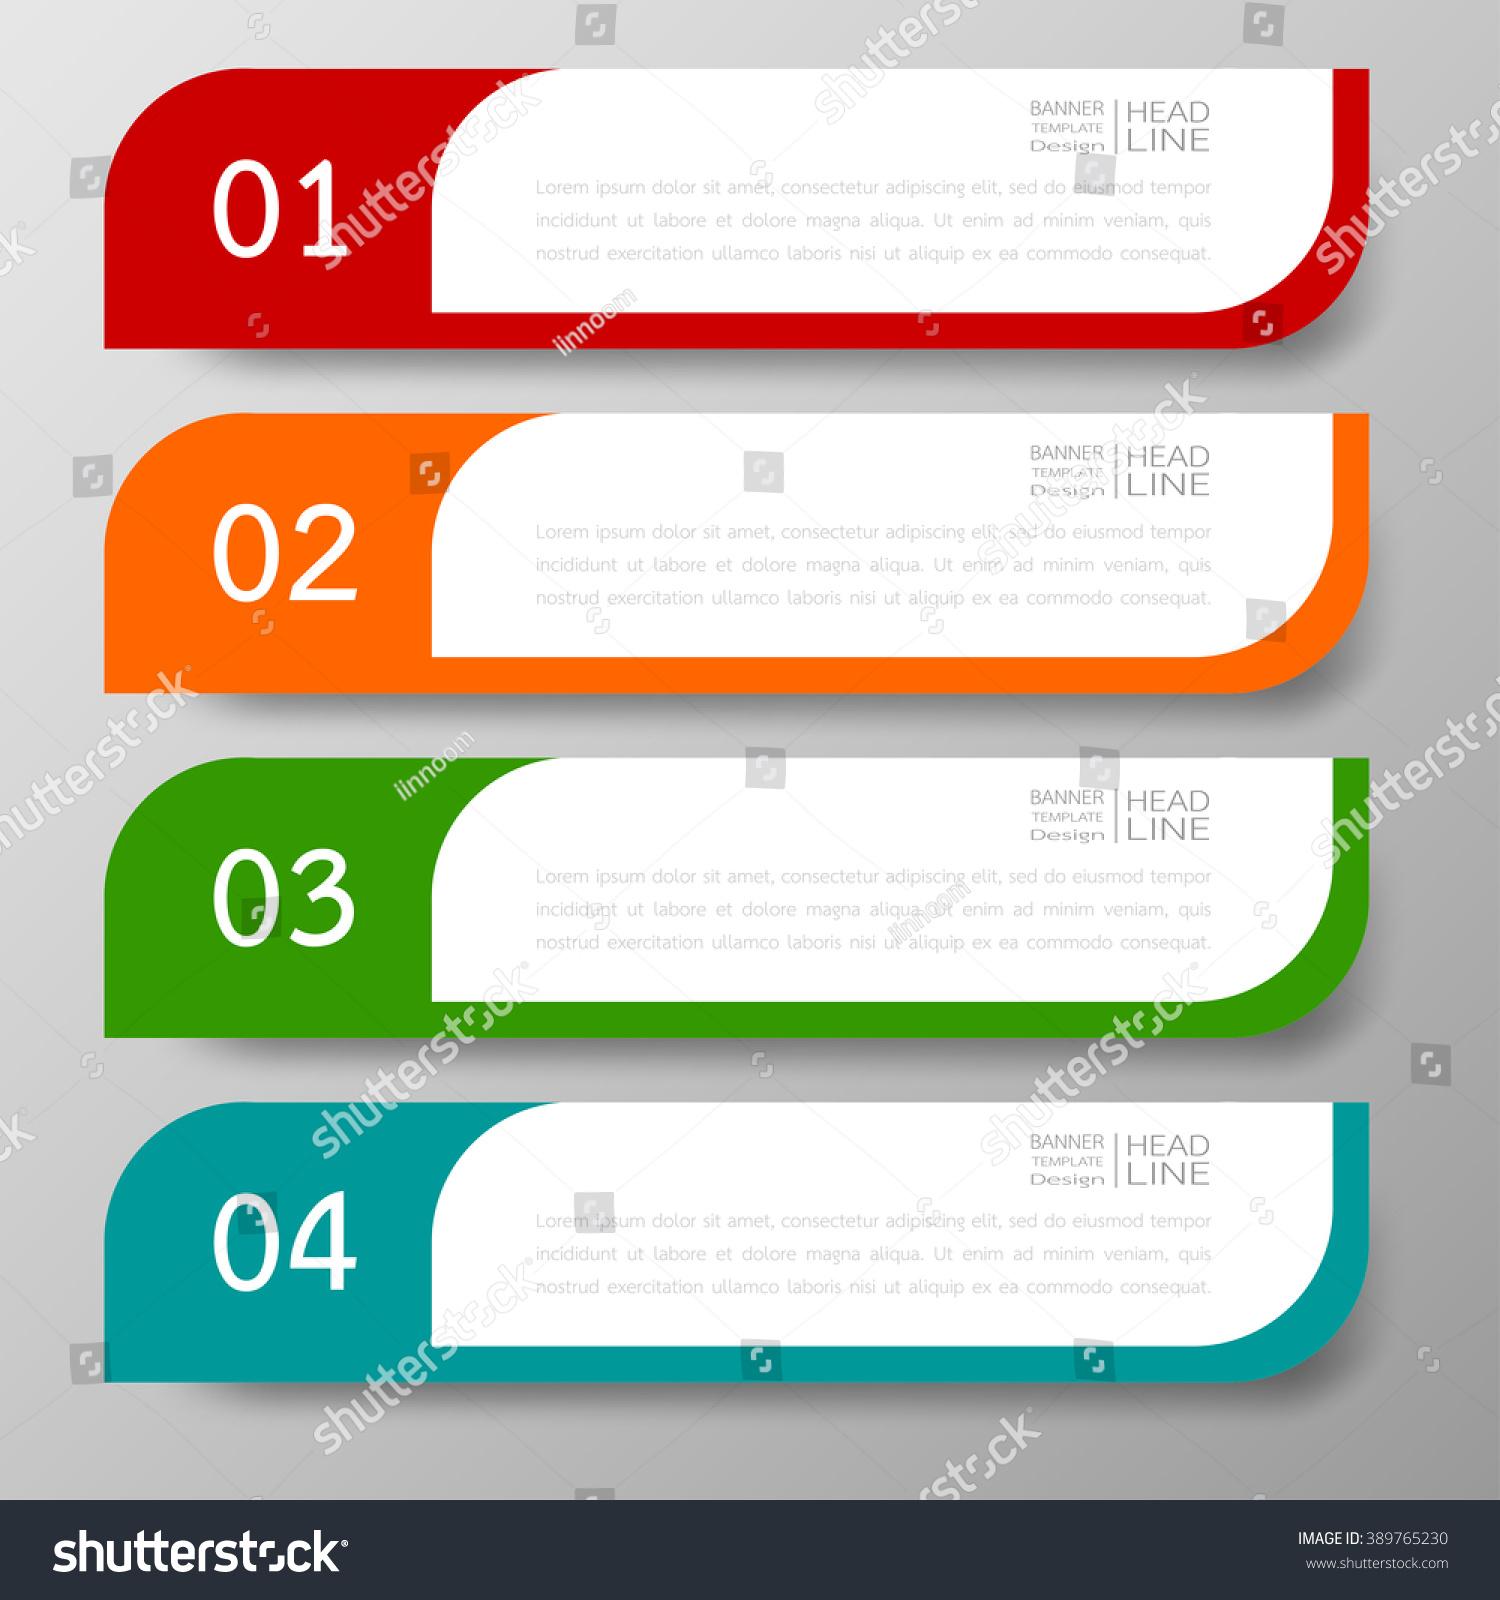 Design banner text - Text banner design ...